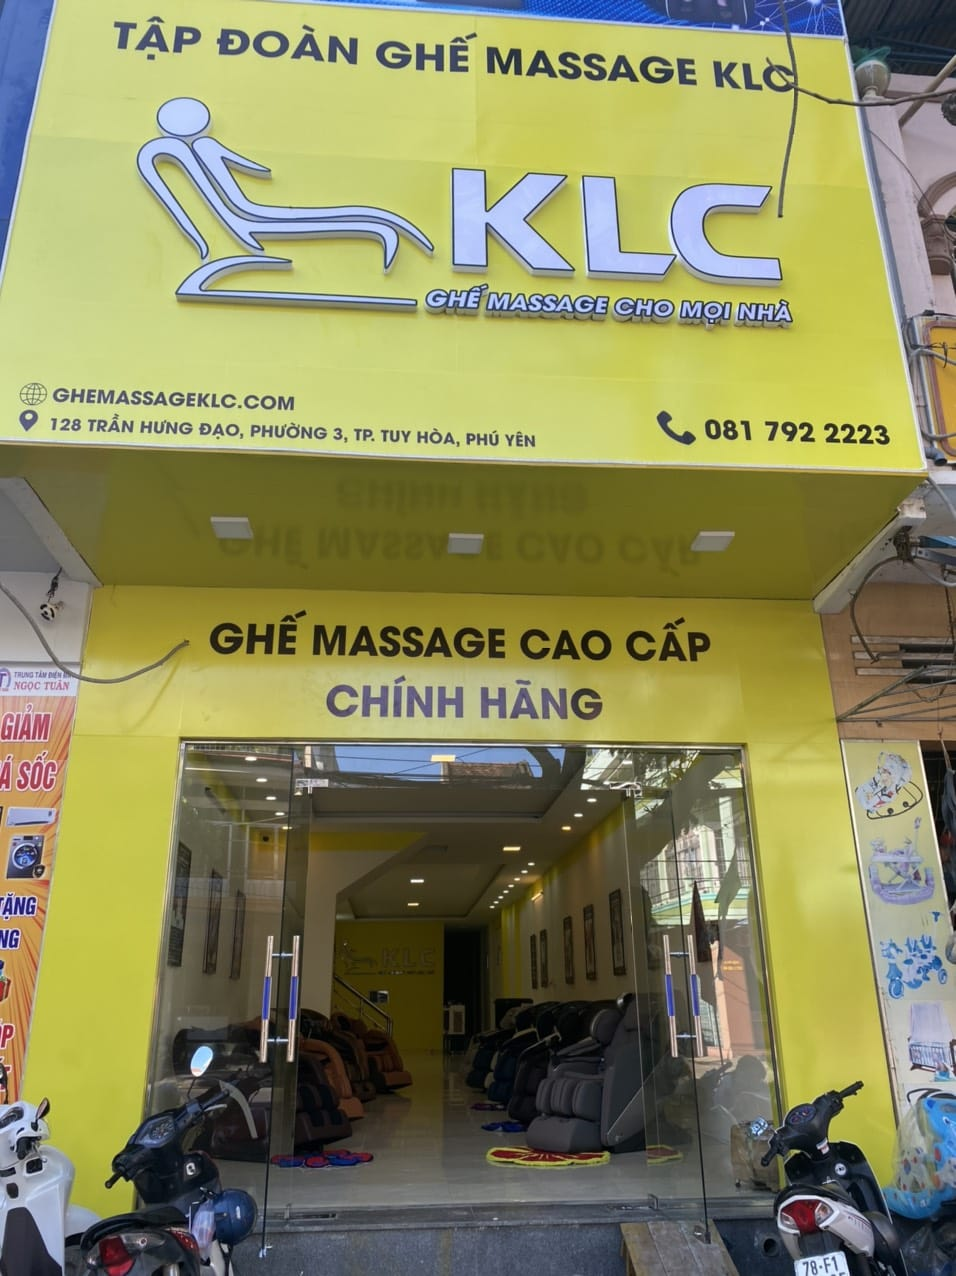 ghế massage chính hãng klc phú yên